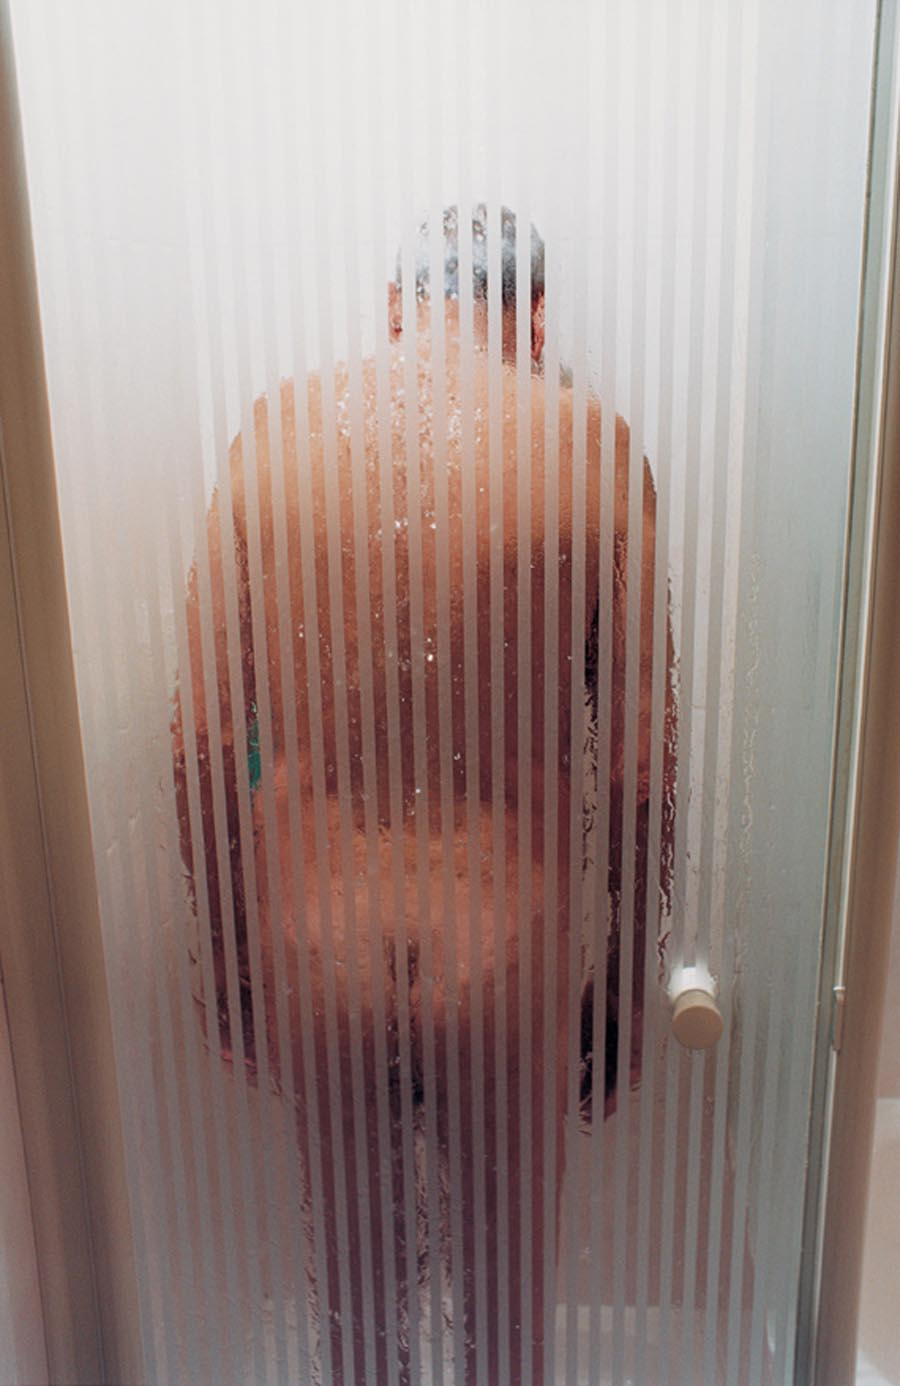 裸體創造出家人間令人震驚的親密感:赤裸並不全然代表色情,也可以是親情17